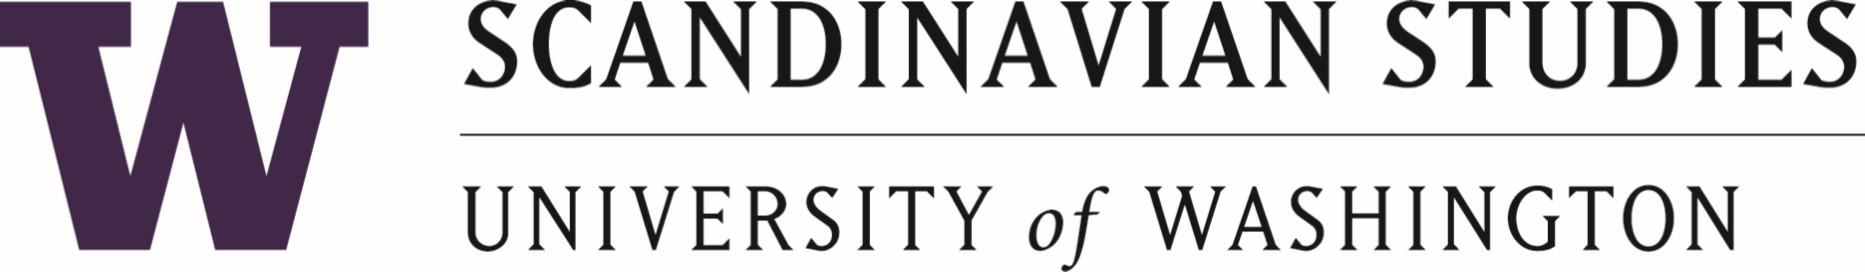 Scandinavian Studies branded logo